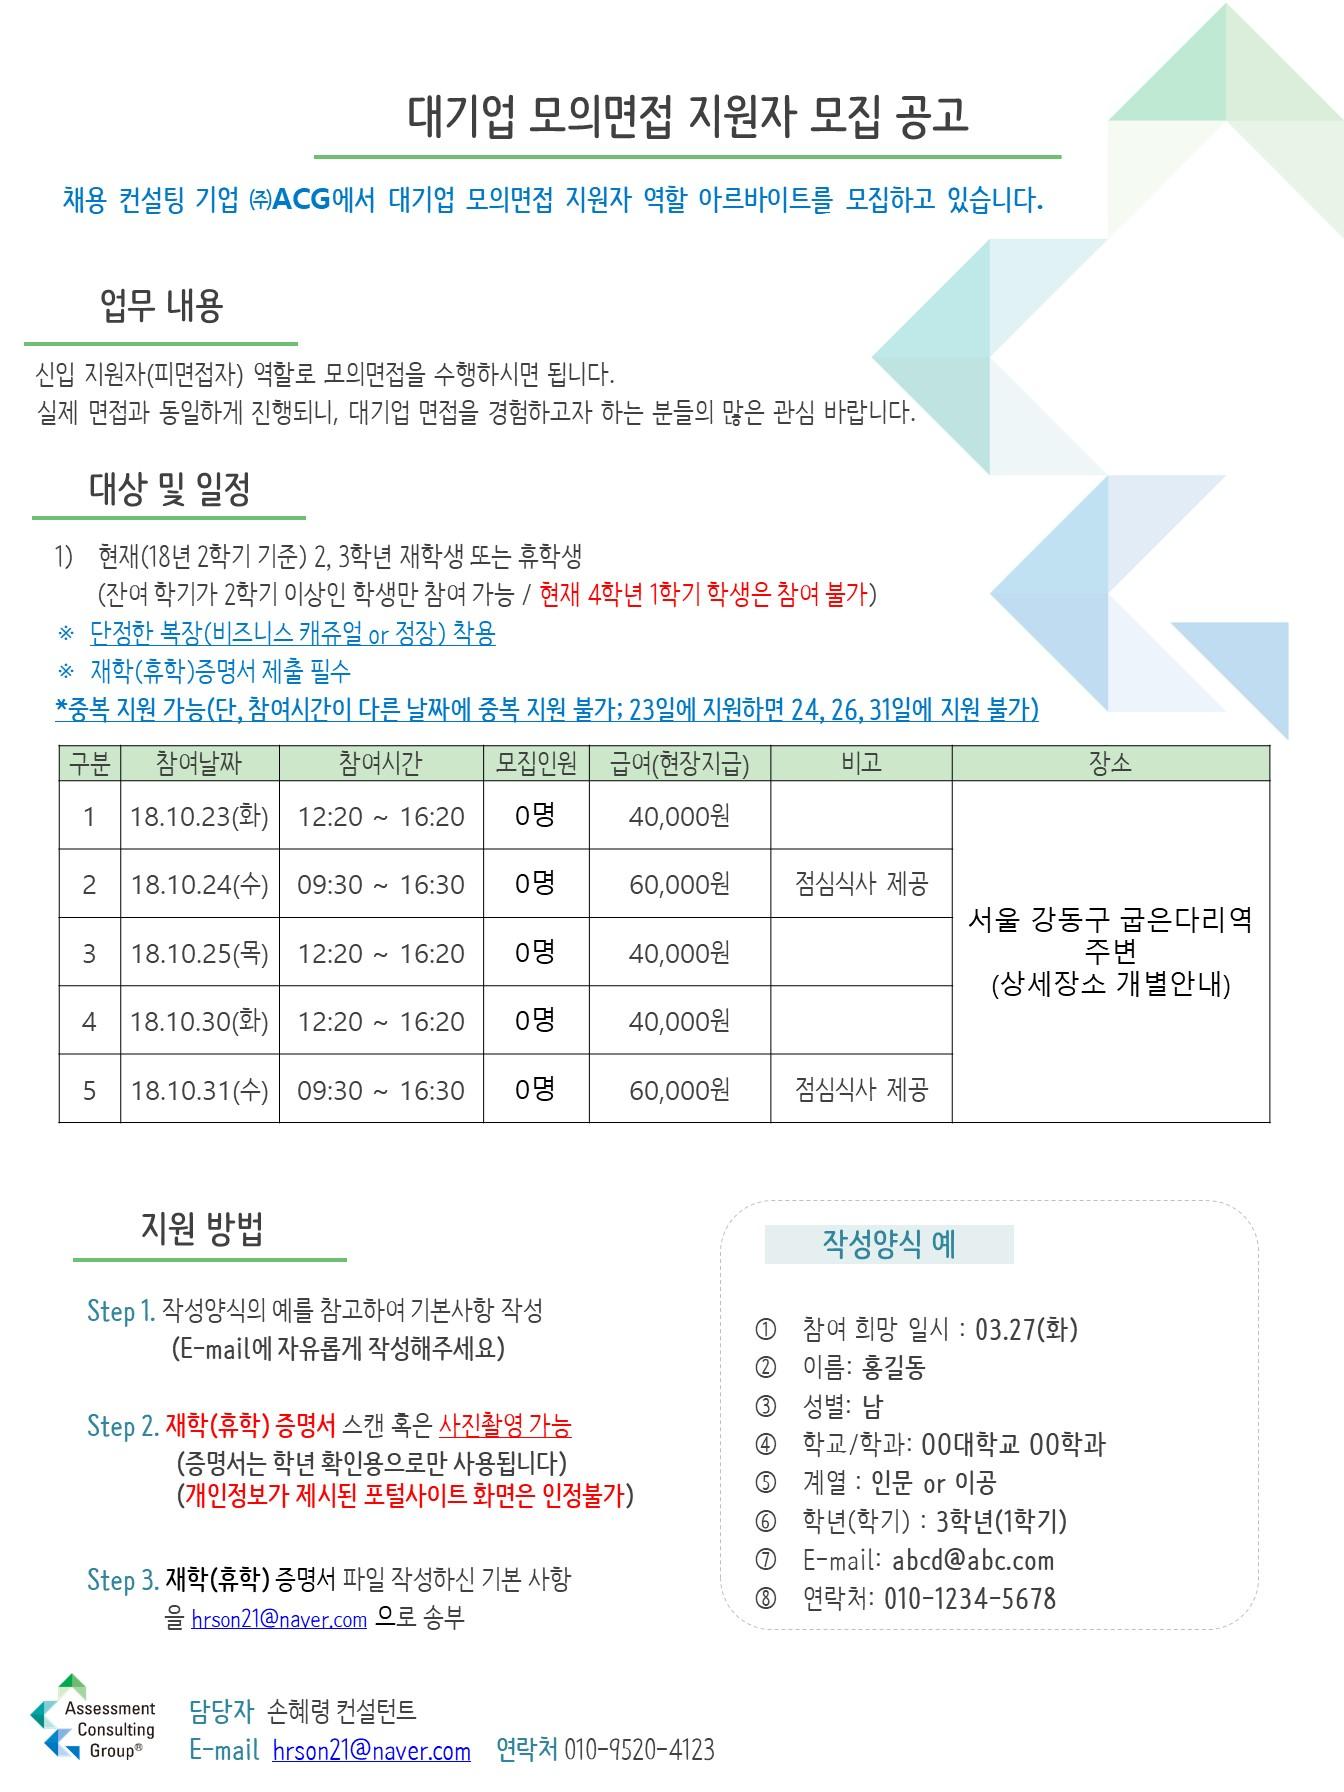 ★ 18하_대기업 rp모집(대학생)_2.jpg